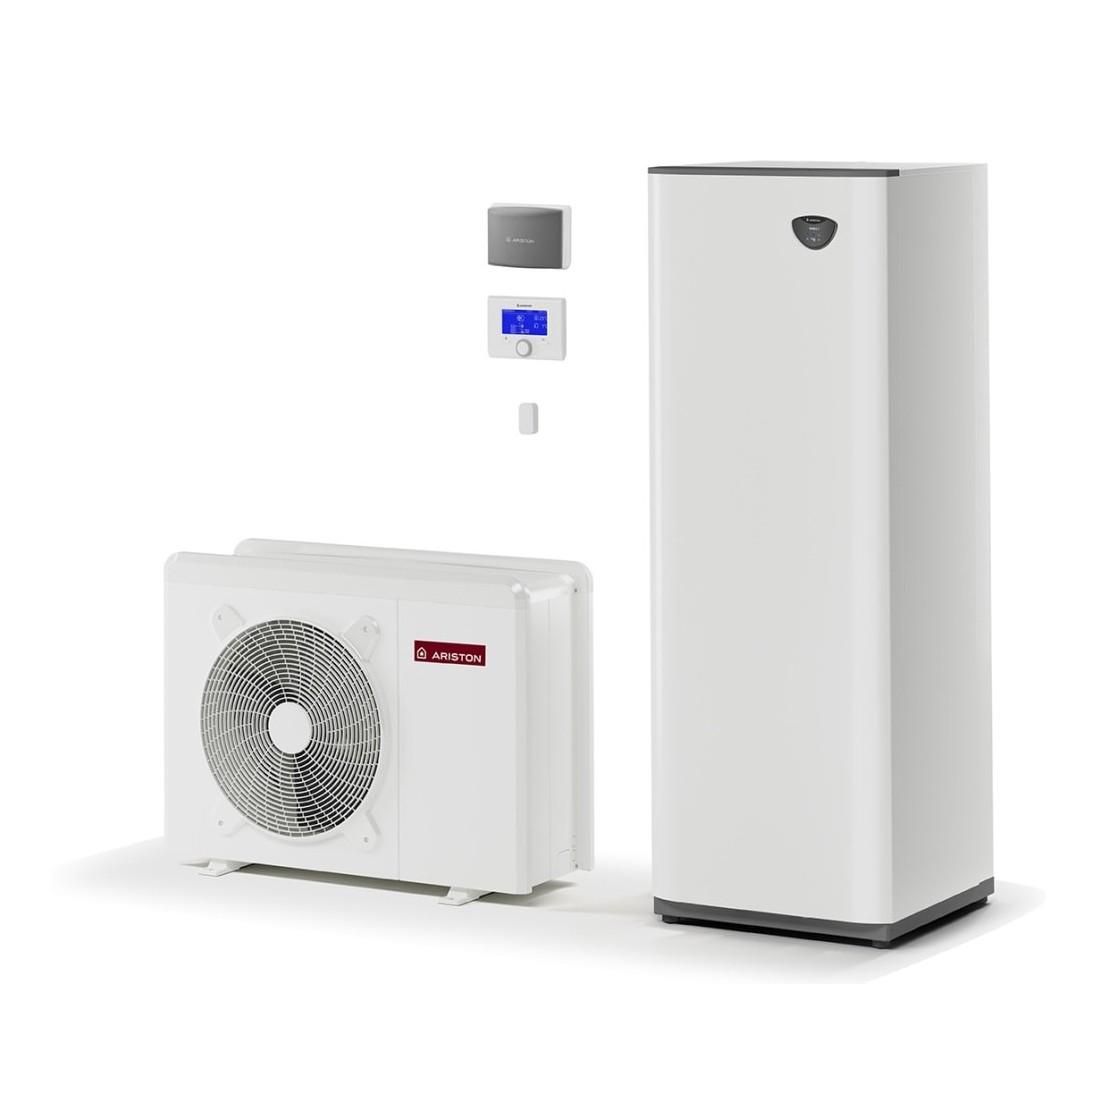 Šilumos siurblys Oras-Vanduo Ariston Nimbus, Compact, 70 S T Net 11 kW Φ3, su integruotu 180 (177 l) vandens šildytuvu ir Wi-